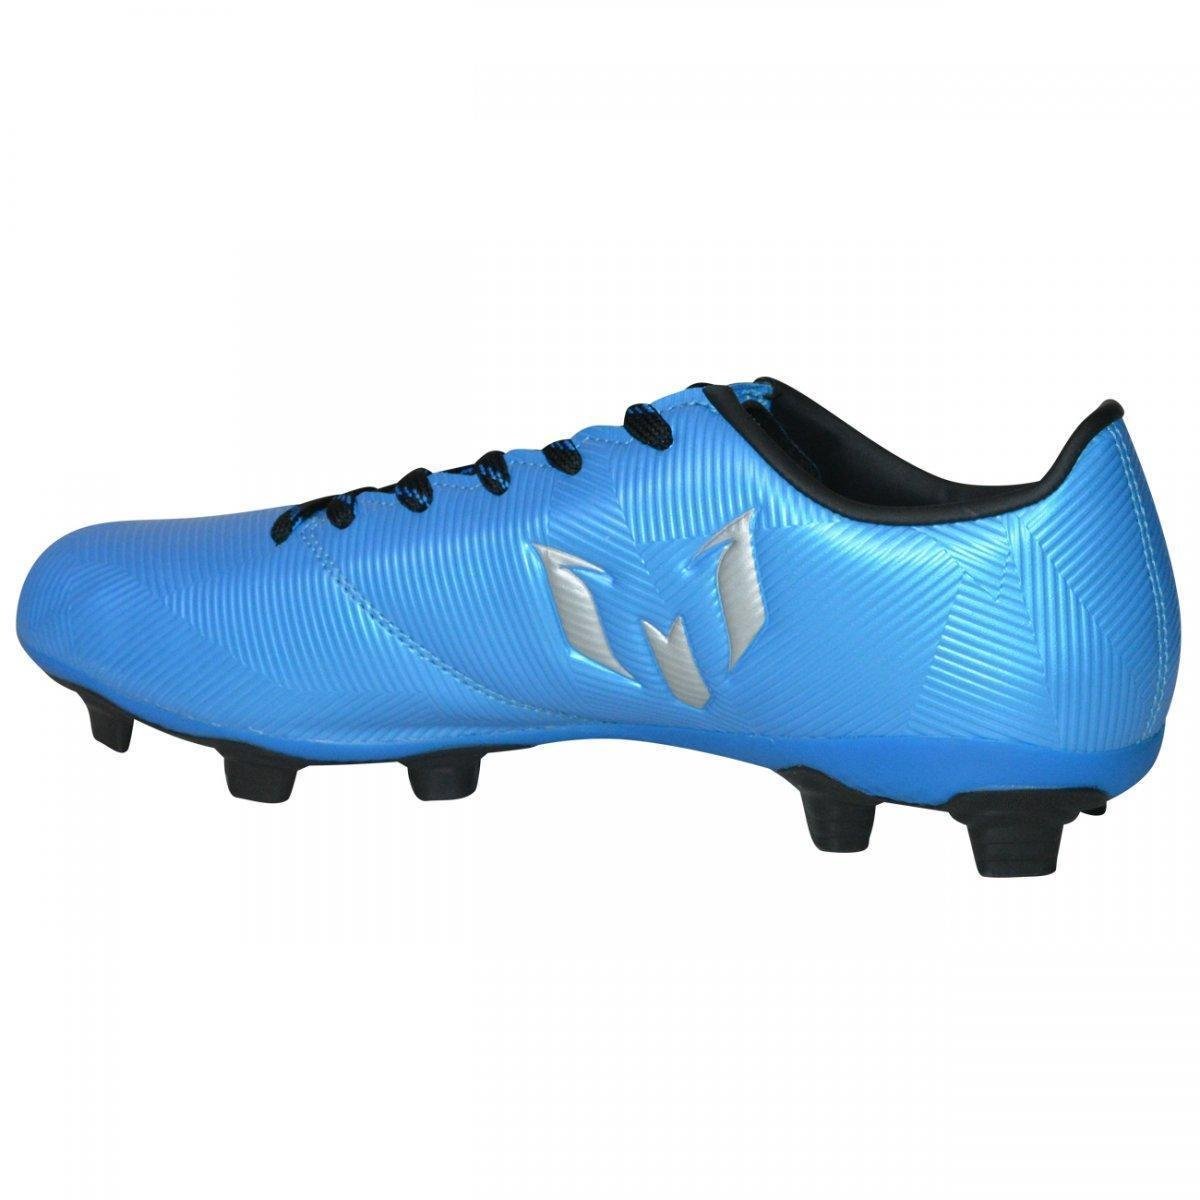 c622e3a79a Chuteira Campo Adidas Messi 16.4 FXG Masculina - Azul Turquesa e ...